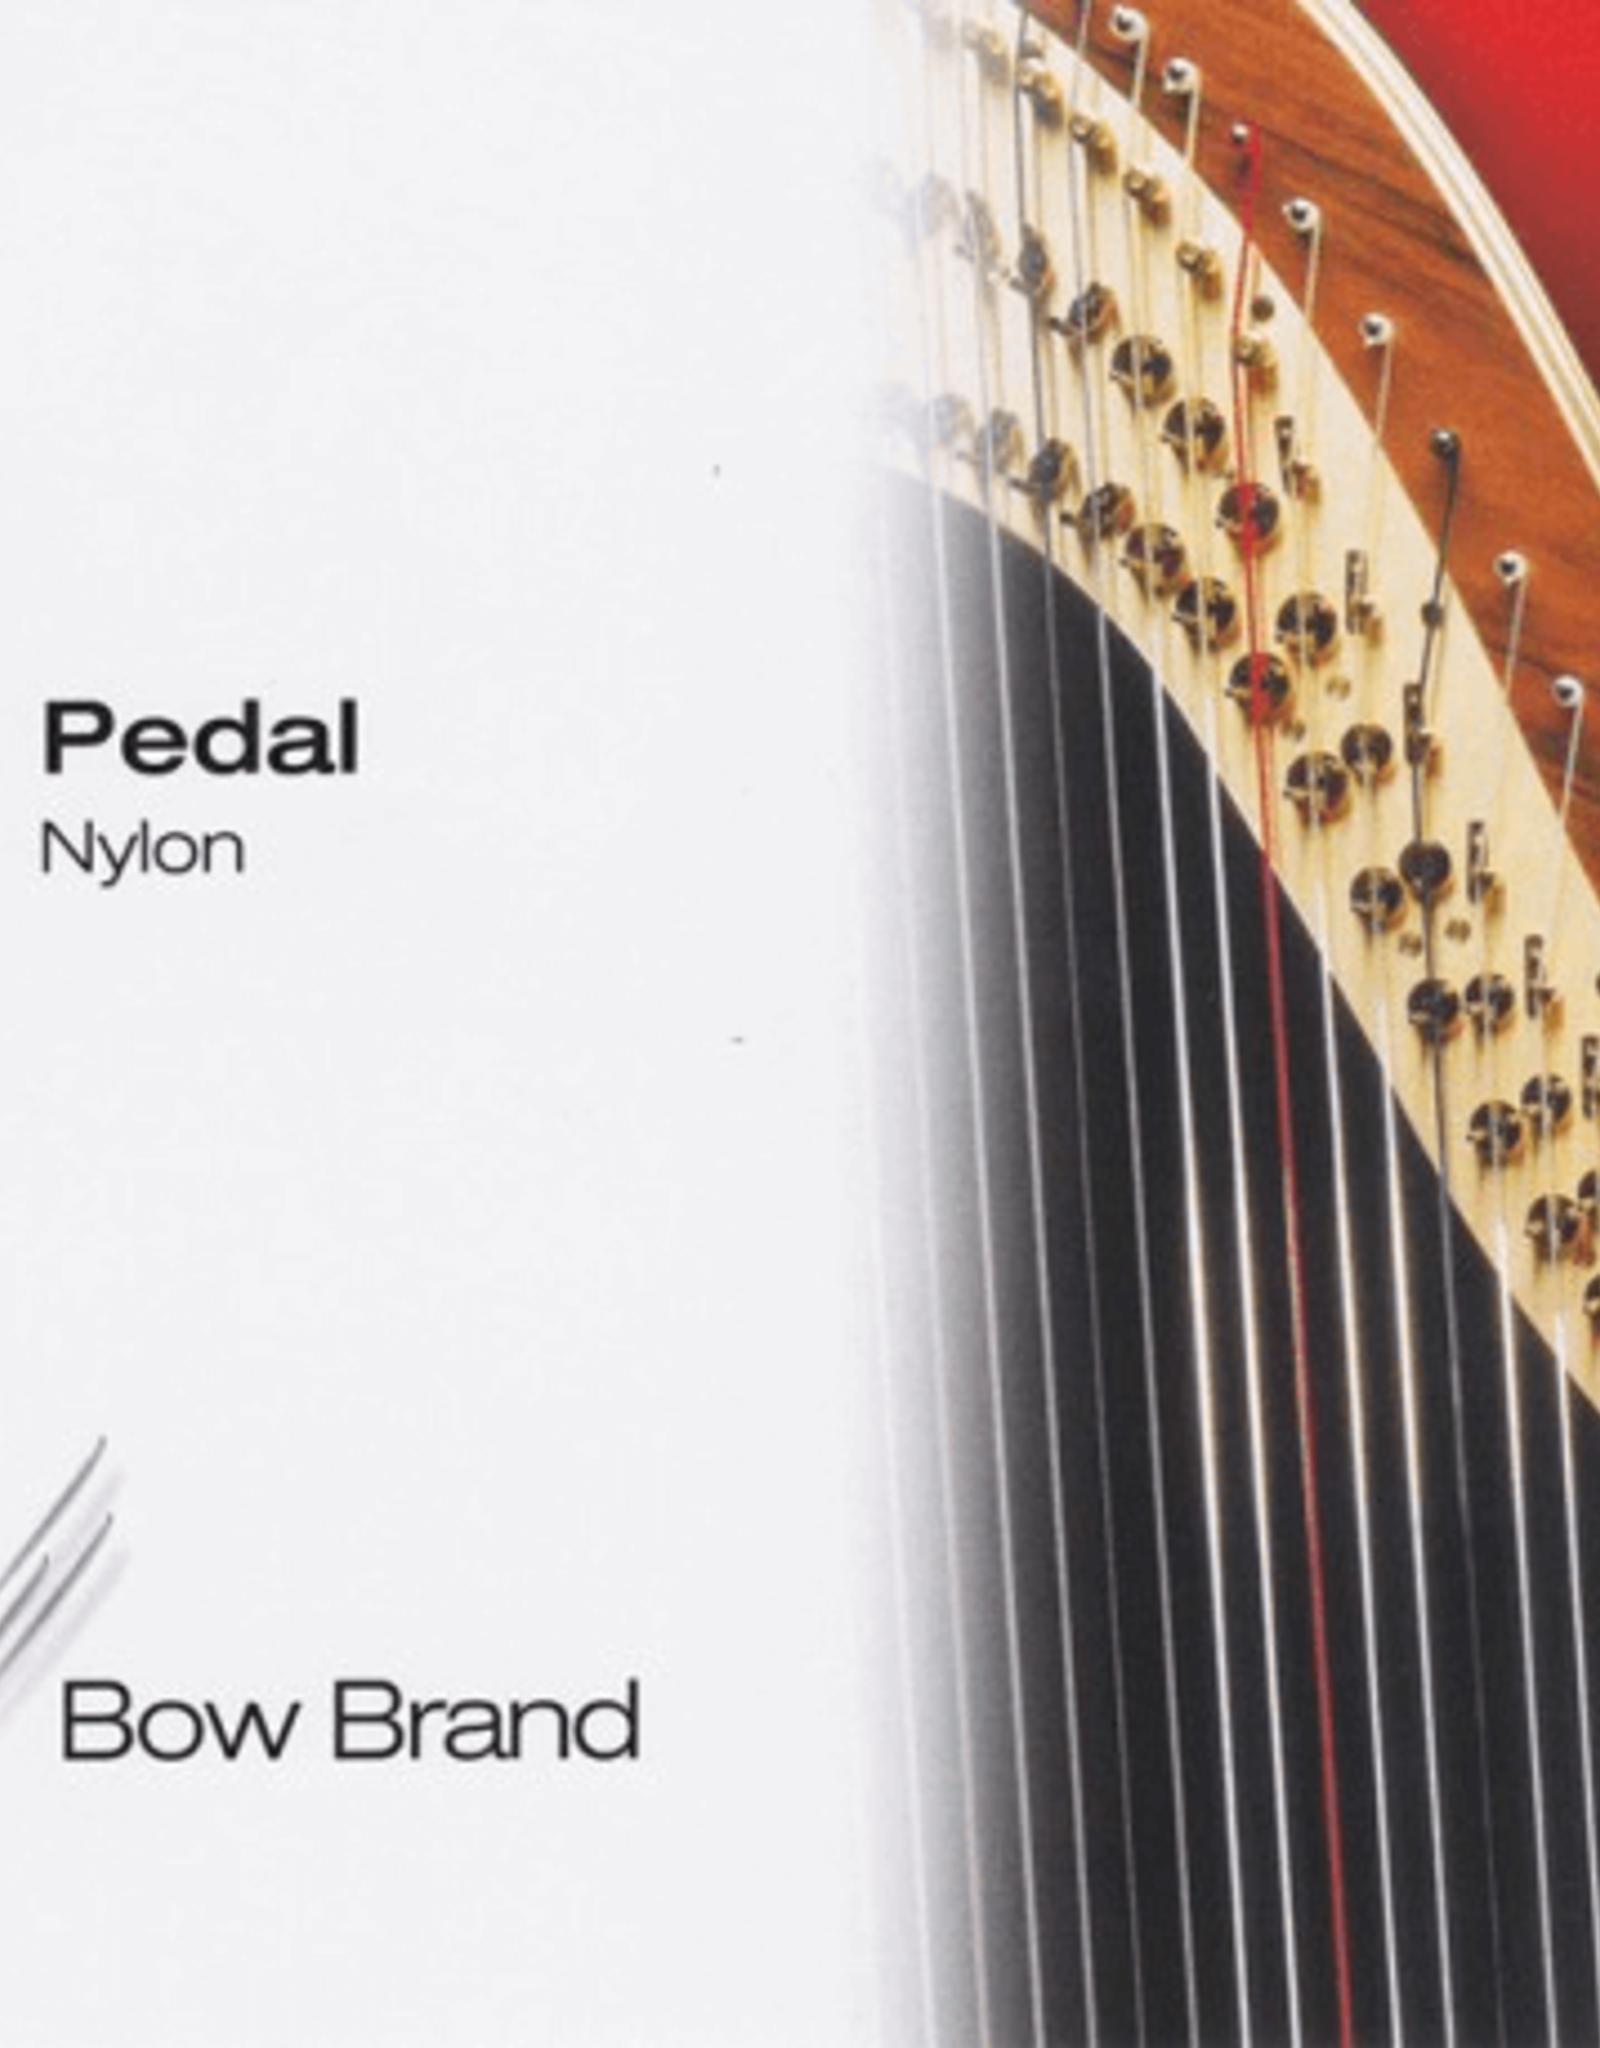 BOW BRAND  pedaal nylon - pedal NYLON 13/2 sol